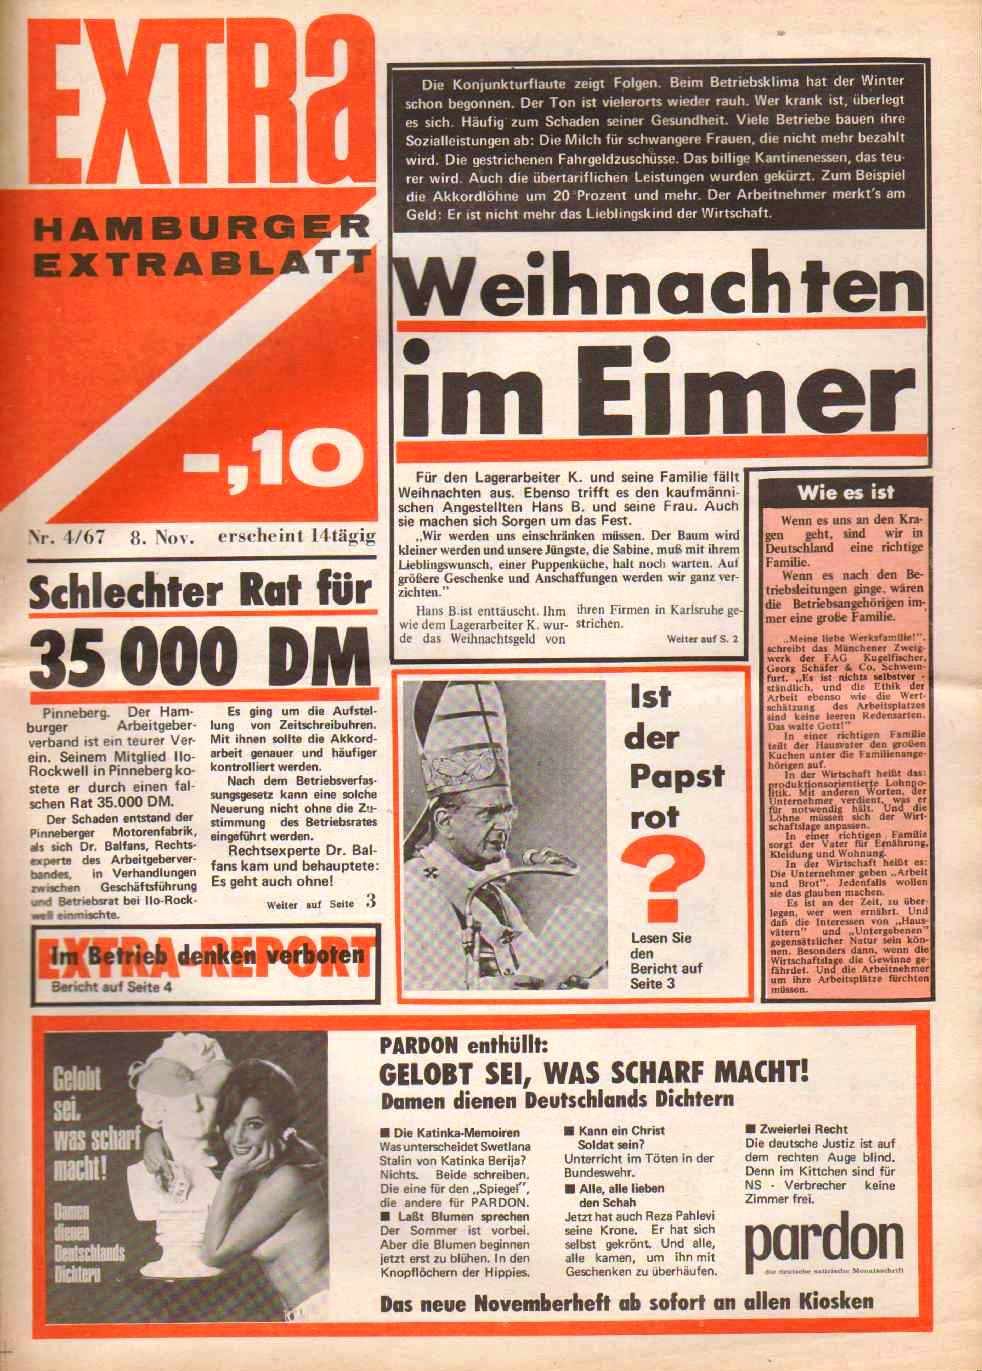 Hamburg_Extra017